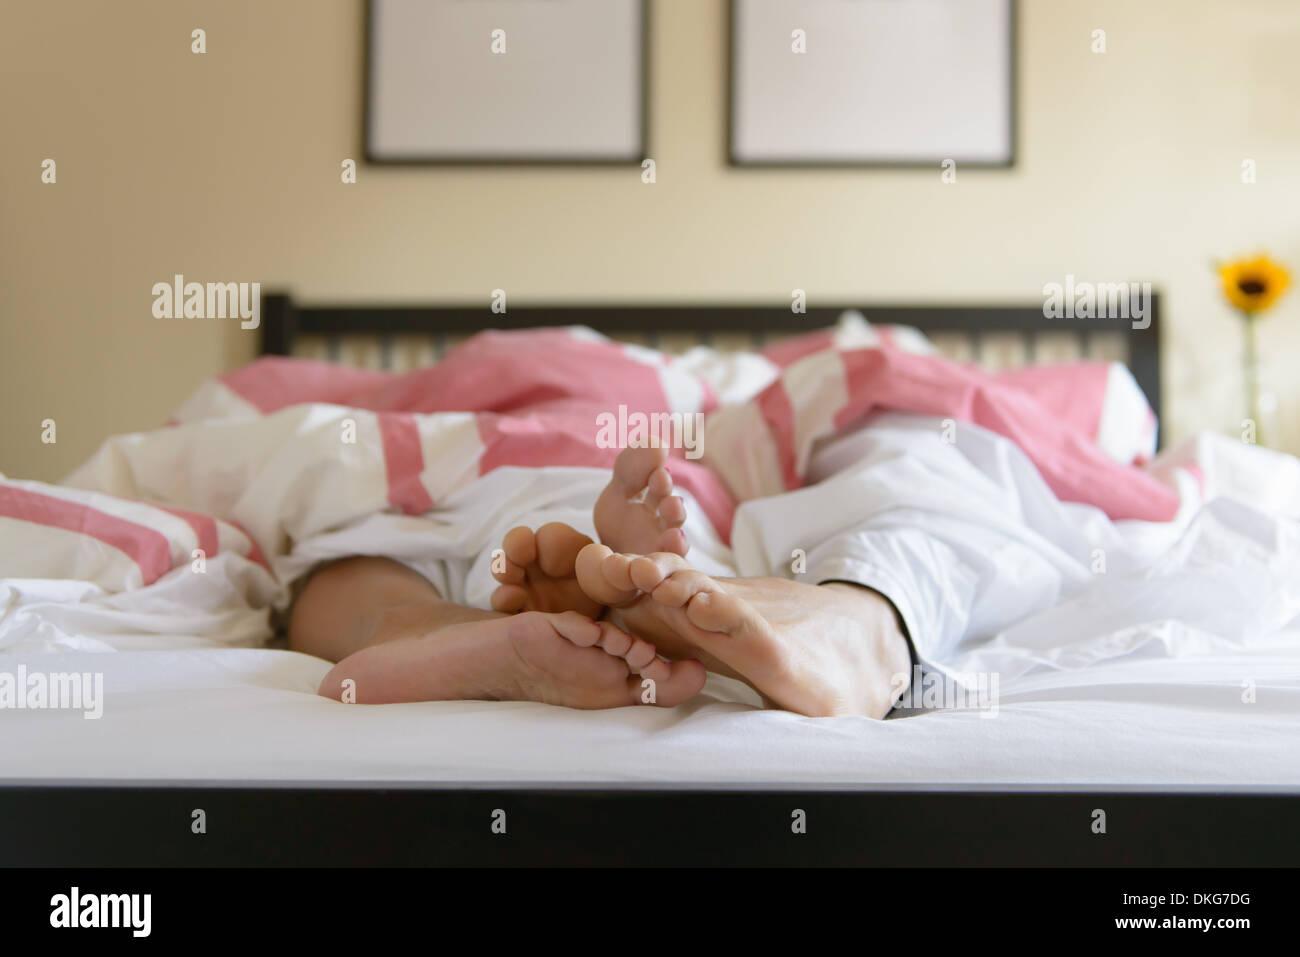 Nivel de superficie imagen de la joven pareja en la cama, los pies fuera del edredón Imagen De Stock